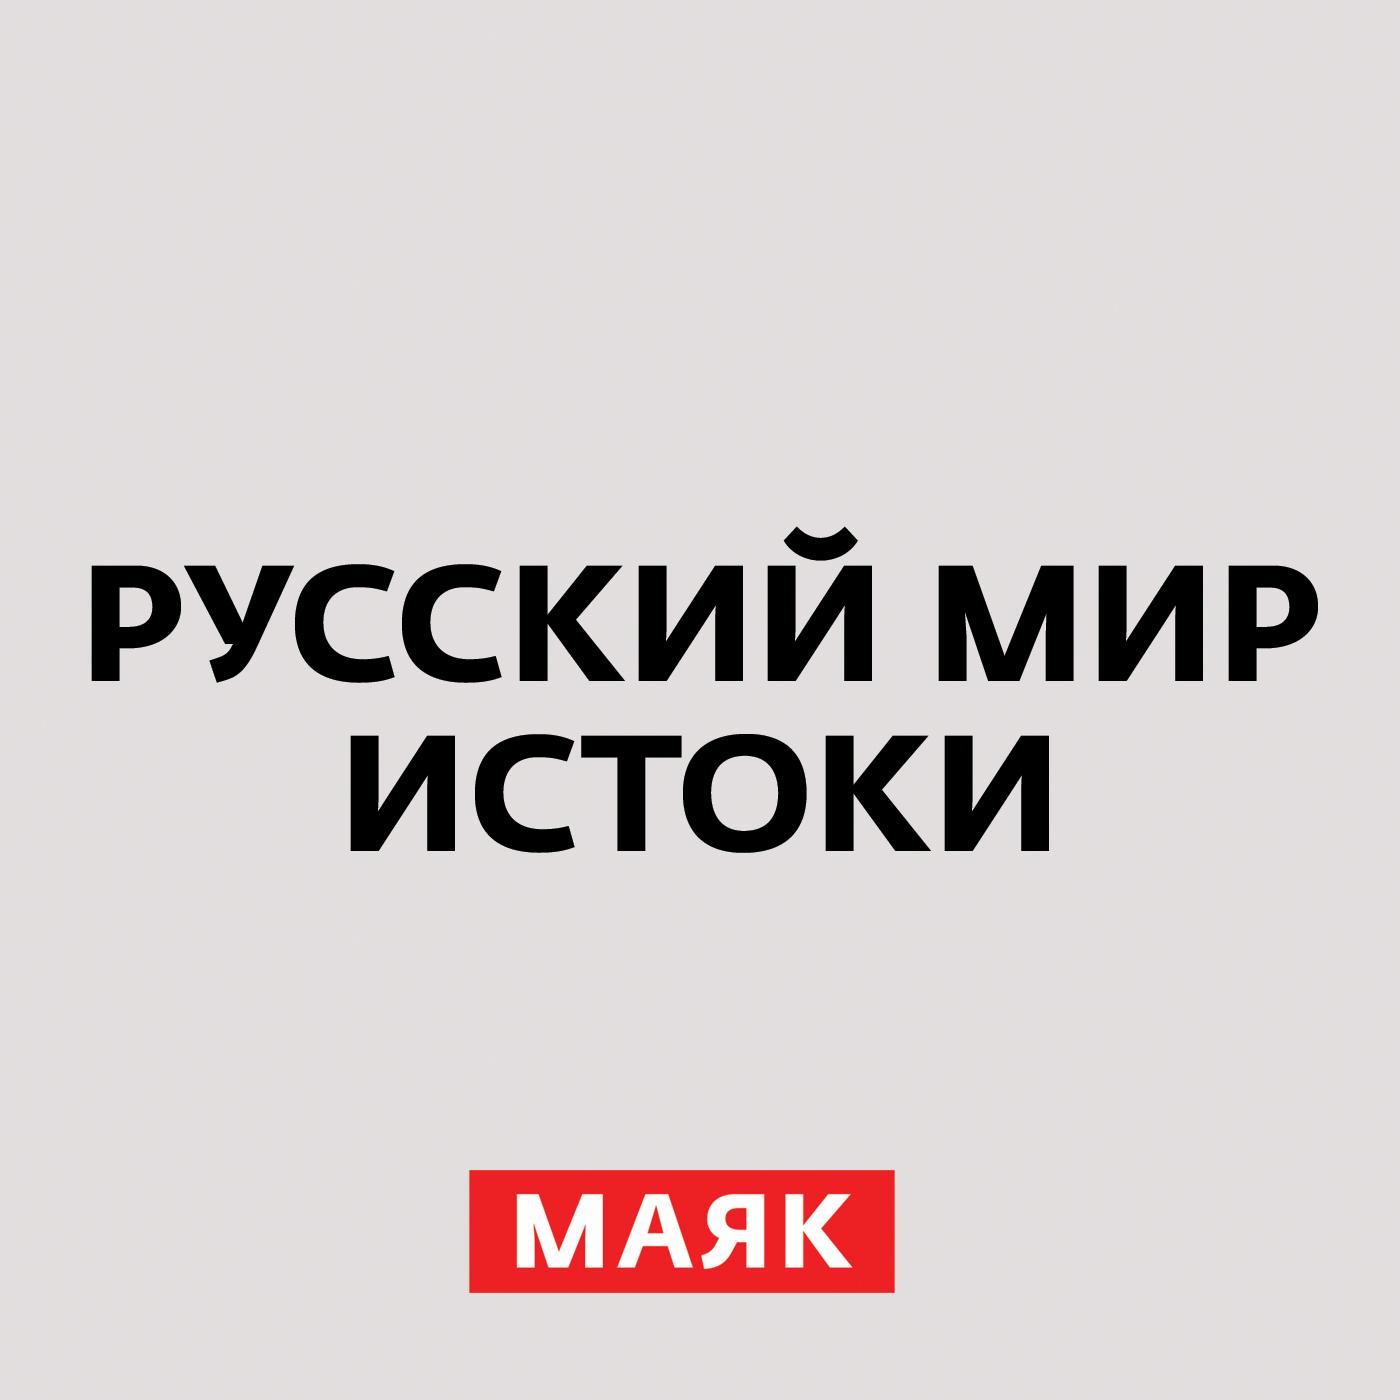 Творческий коллектив радио «Маяк» Великий князь Мстислав все цены